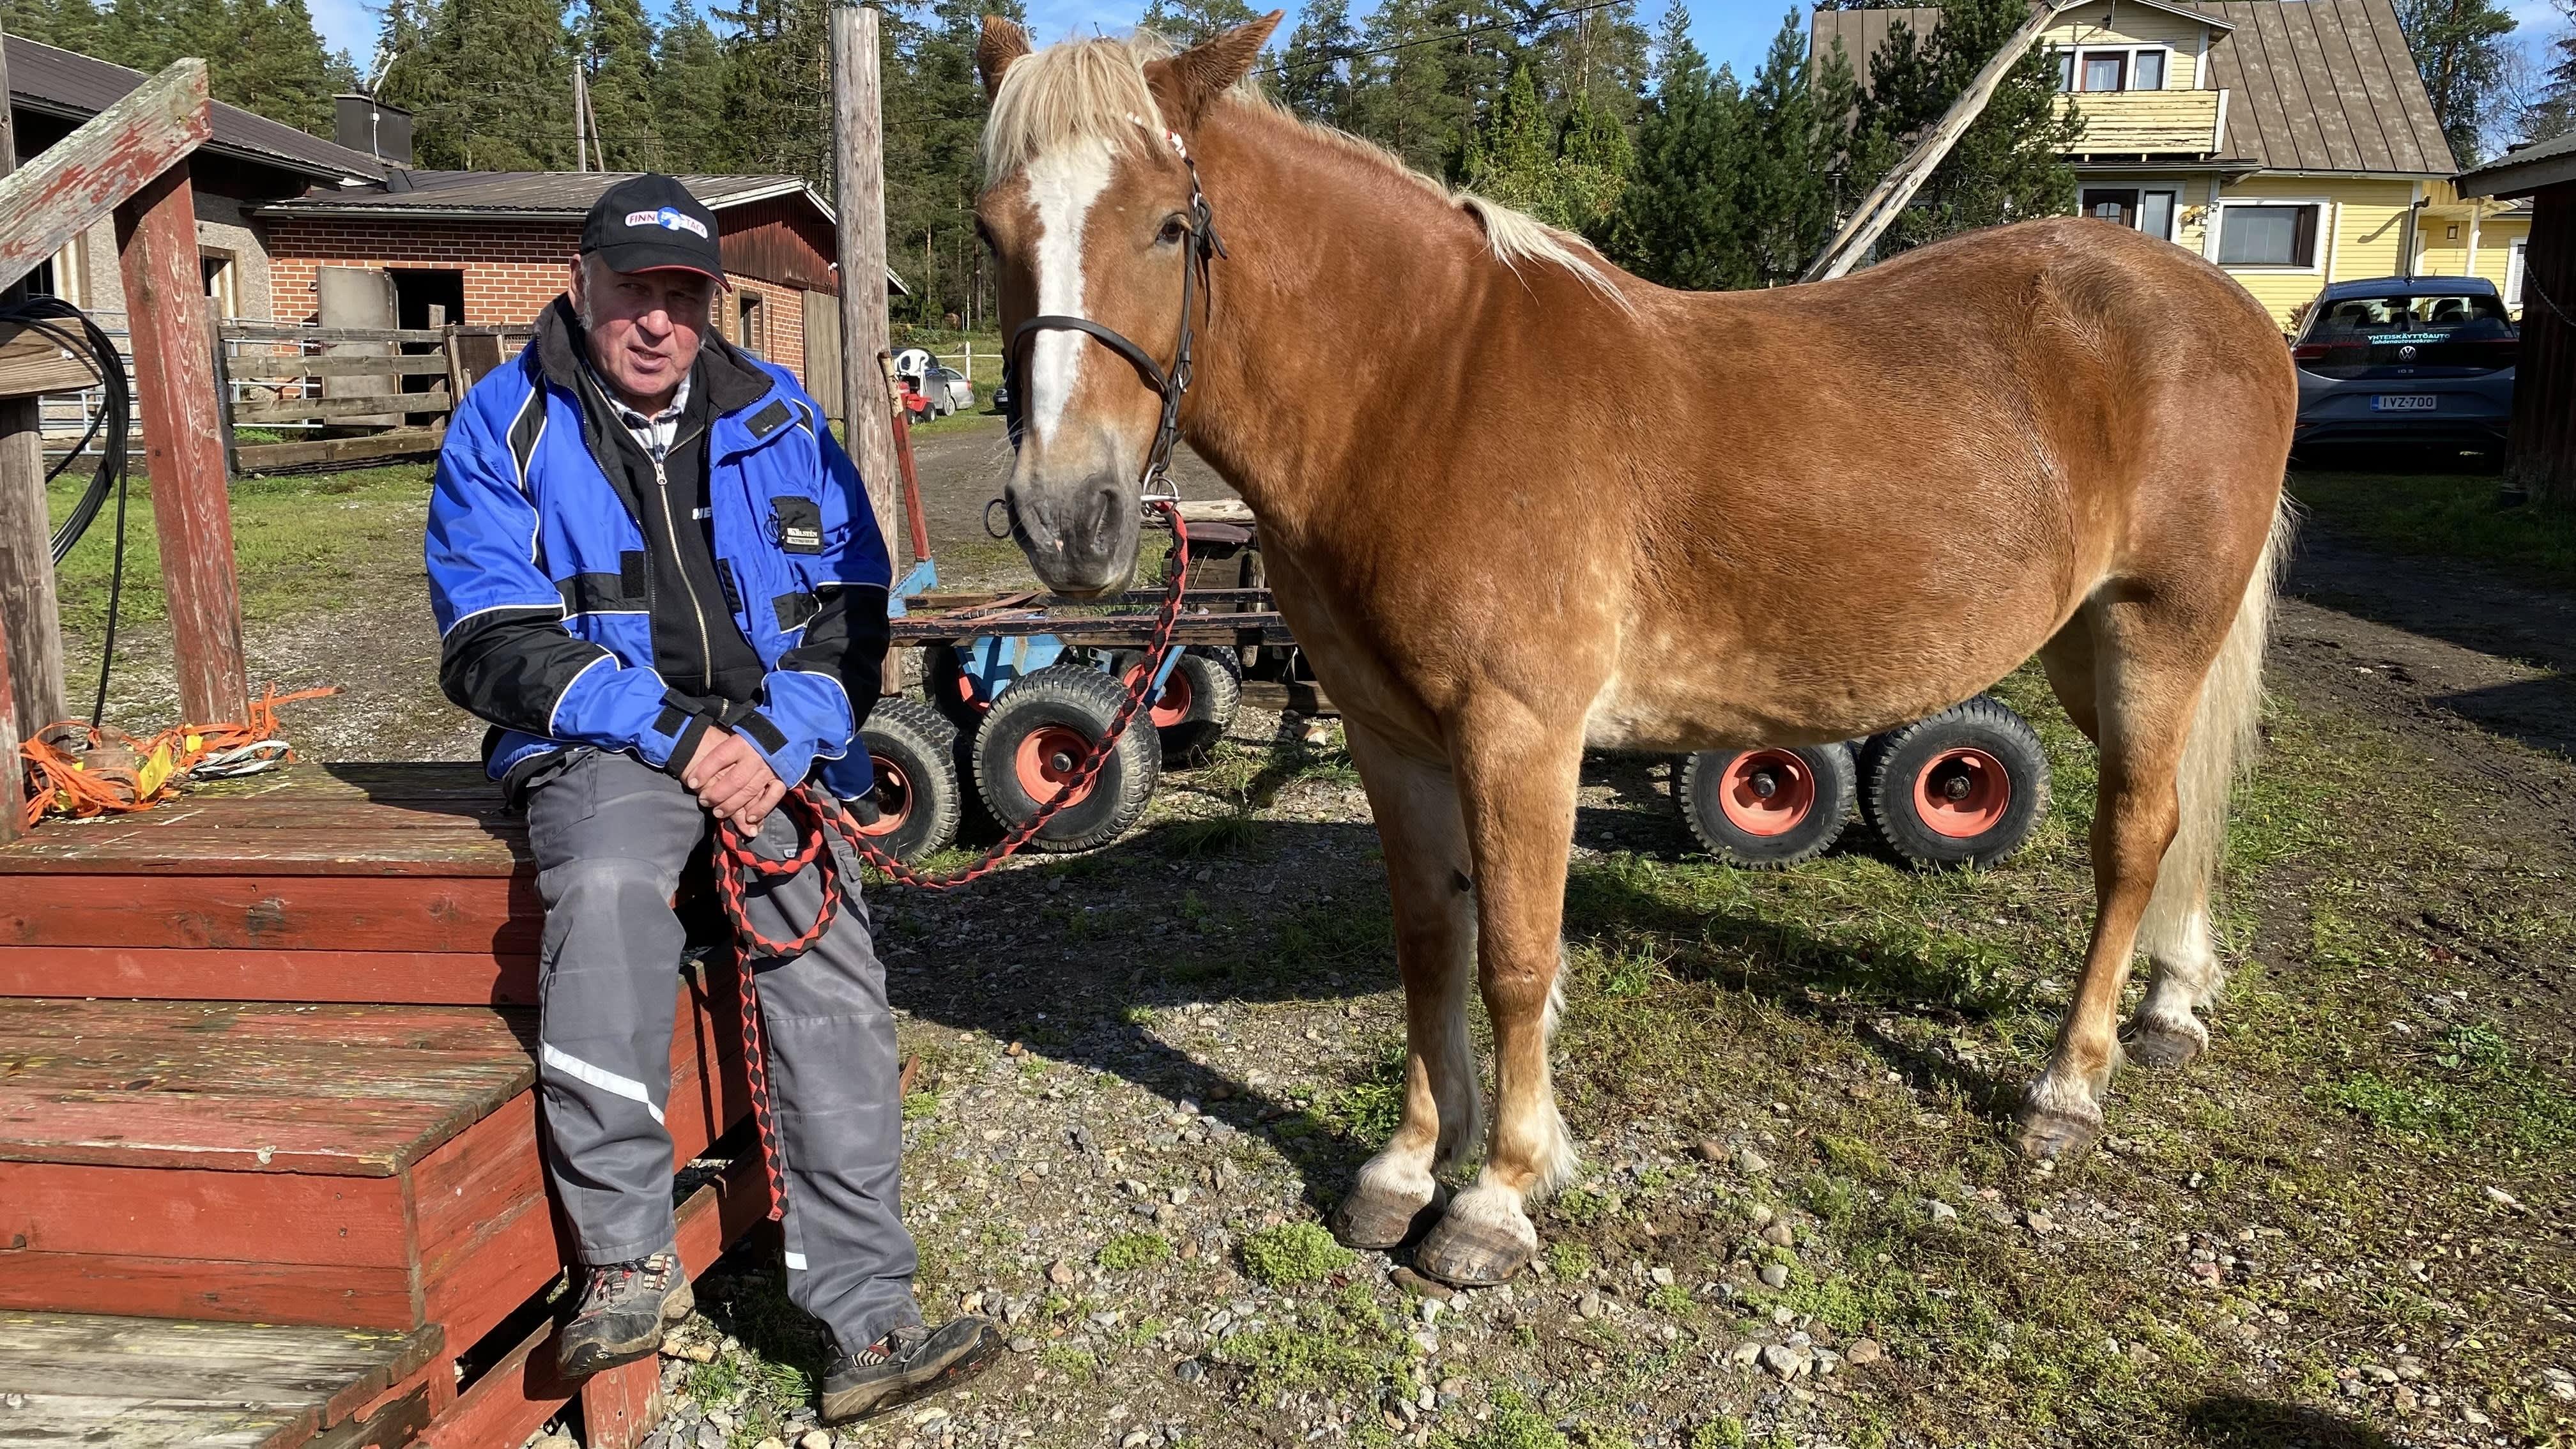 Kasvattajaomistaj Kauko Tuominen istuu vierellään suomenhevostamma Tähde Pirros.